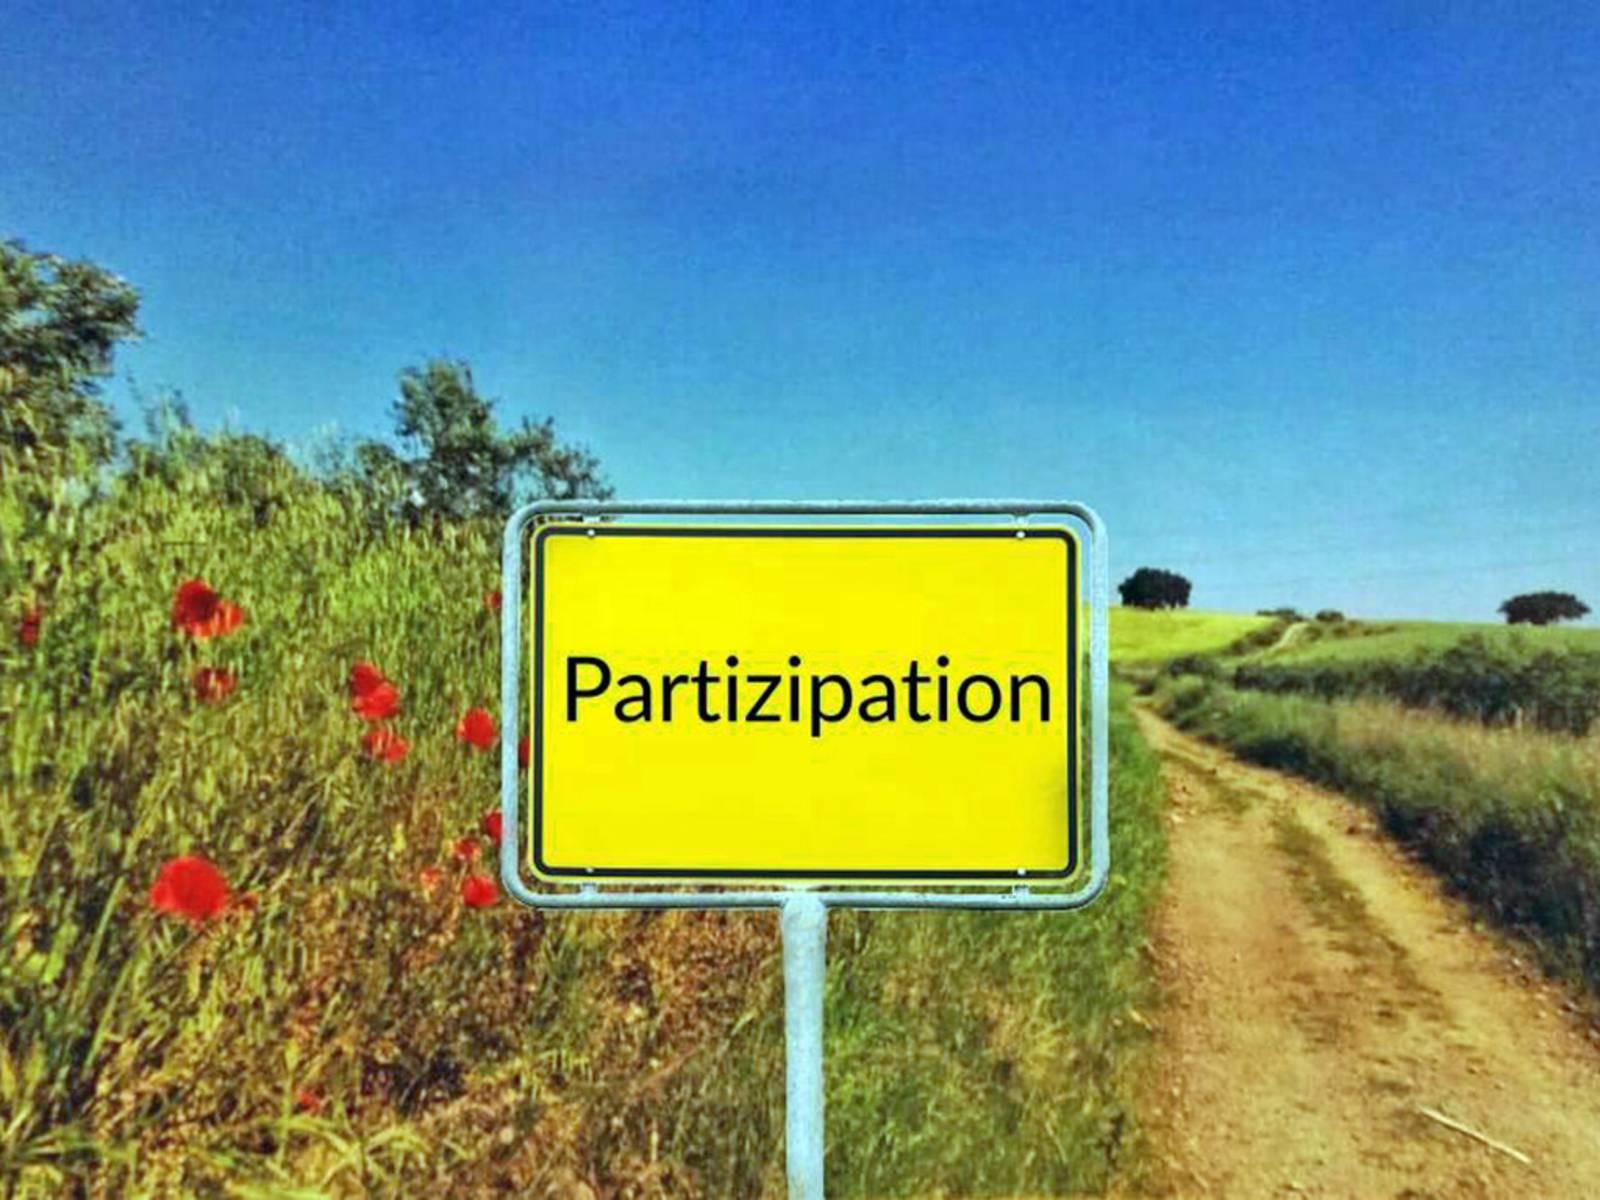 """Neben einem Weg steht statt eines Ortsschilds ein Schild mit der Aufschrift """"Partizipation""""."""